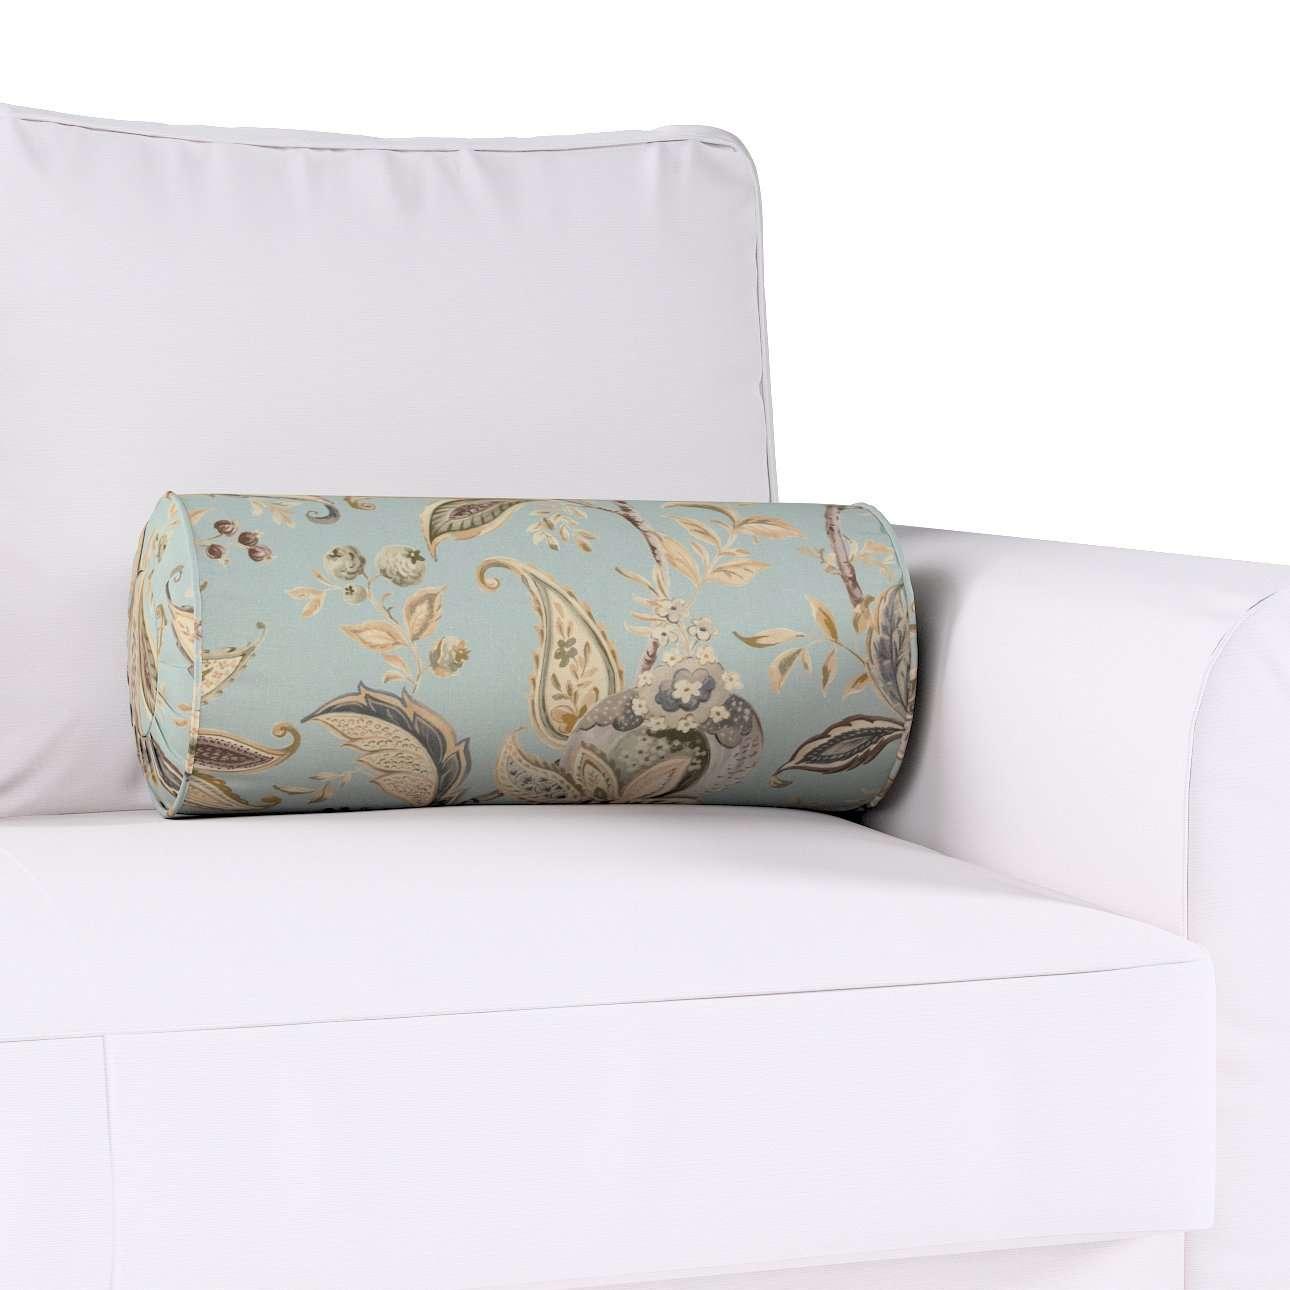 Poduszka wałek z zakładkami w kolekcji Gardenia, tkanina: 142-18